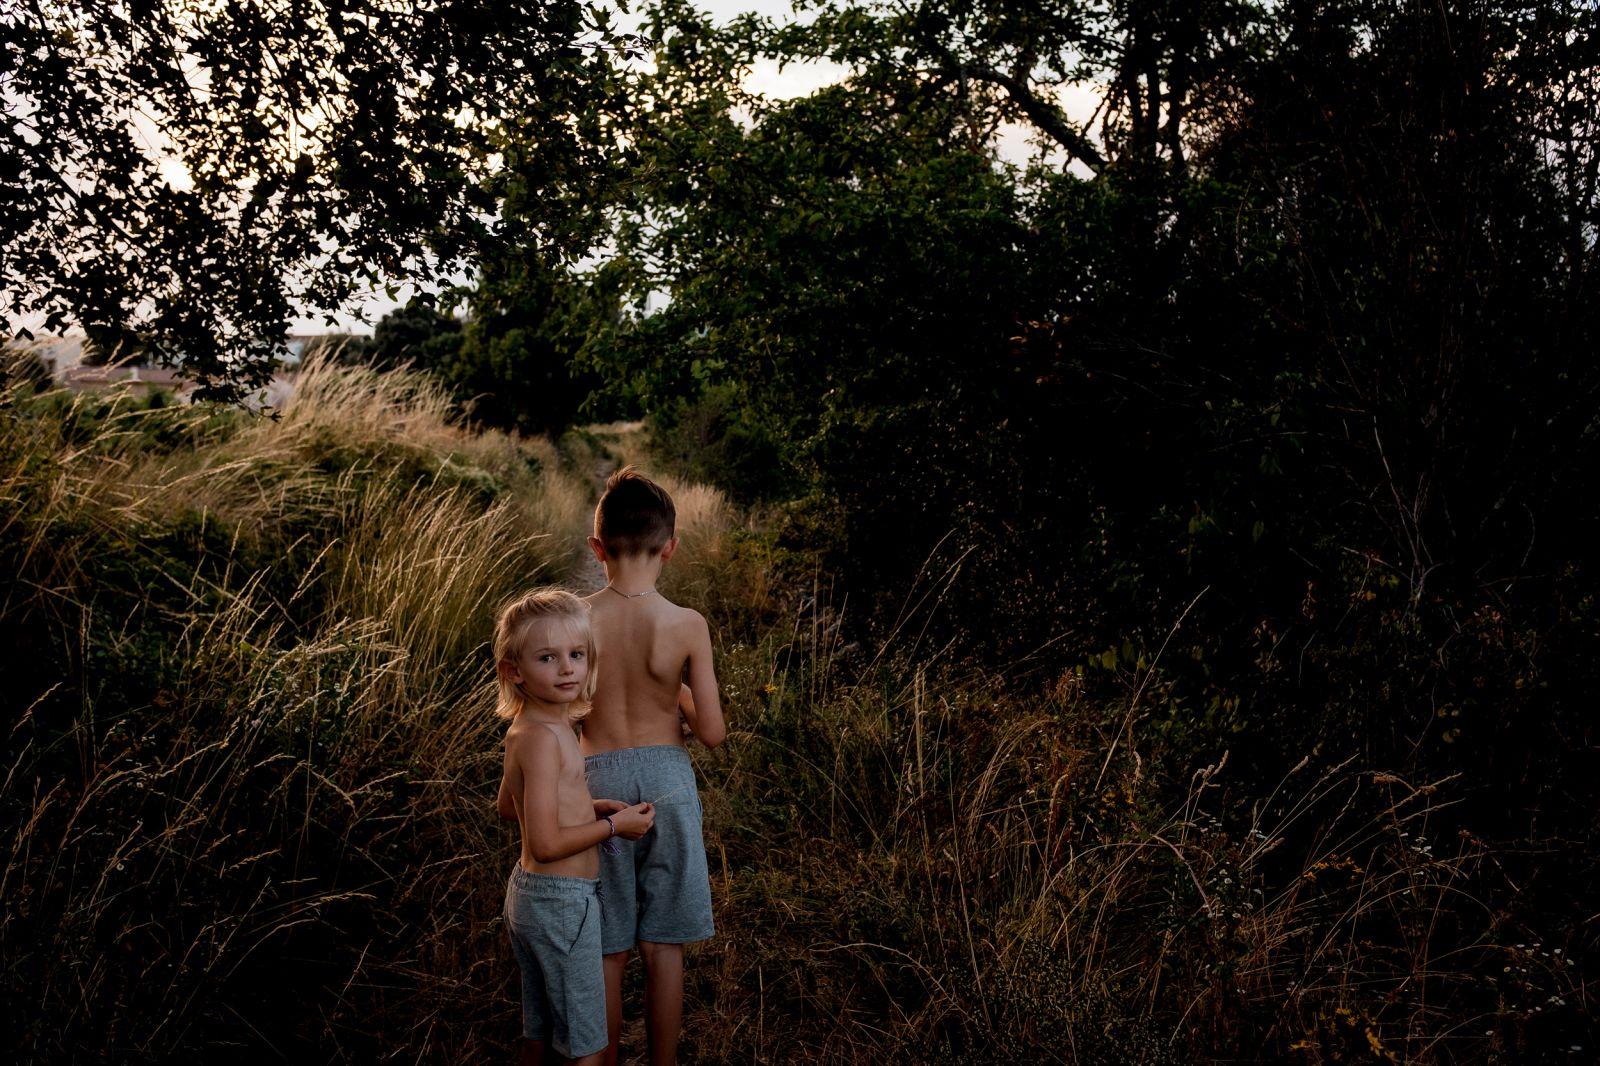 séance photos en famille enfant été vacances montagne ardèche